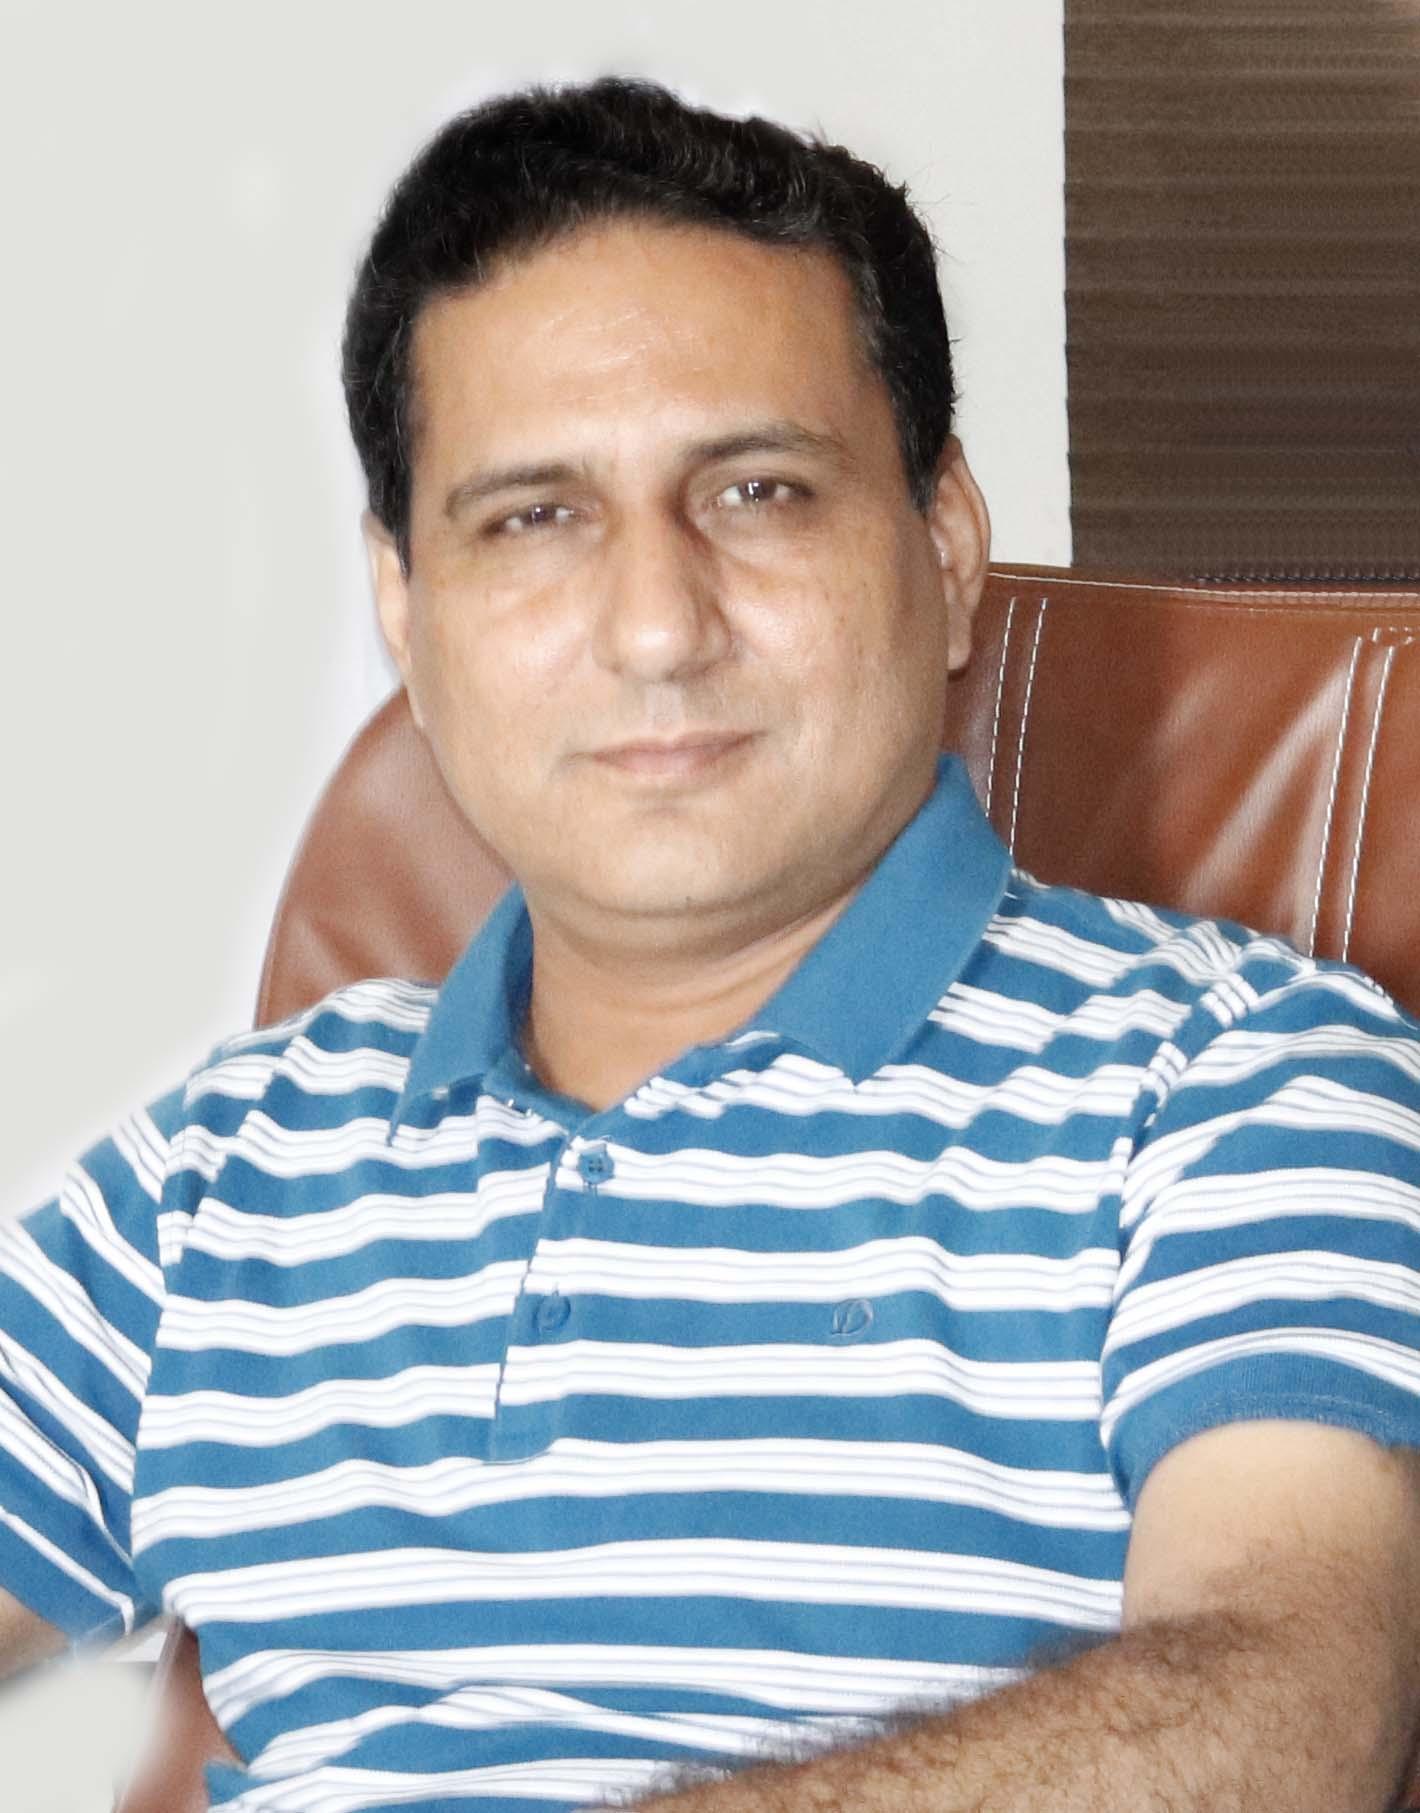 Dr Yasir Arfat Malkani